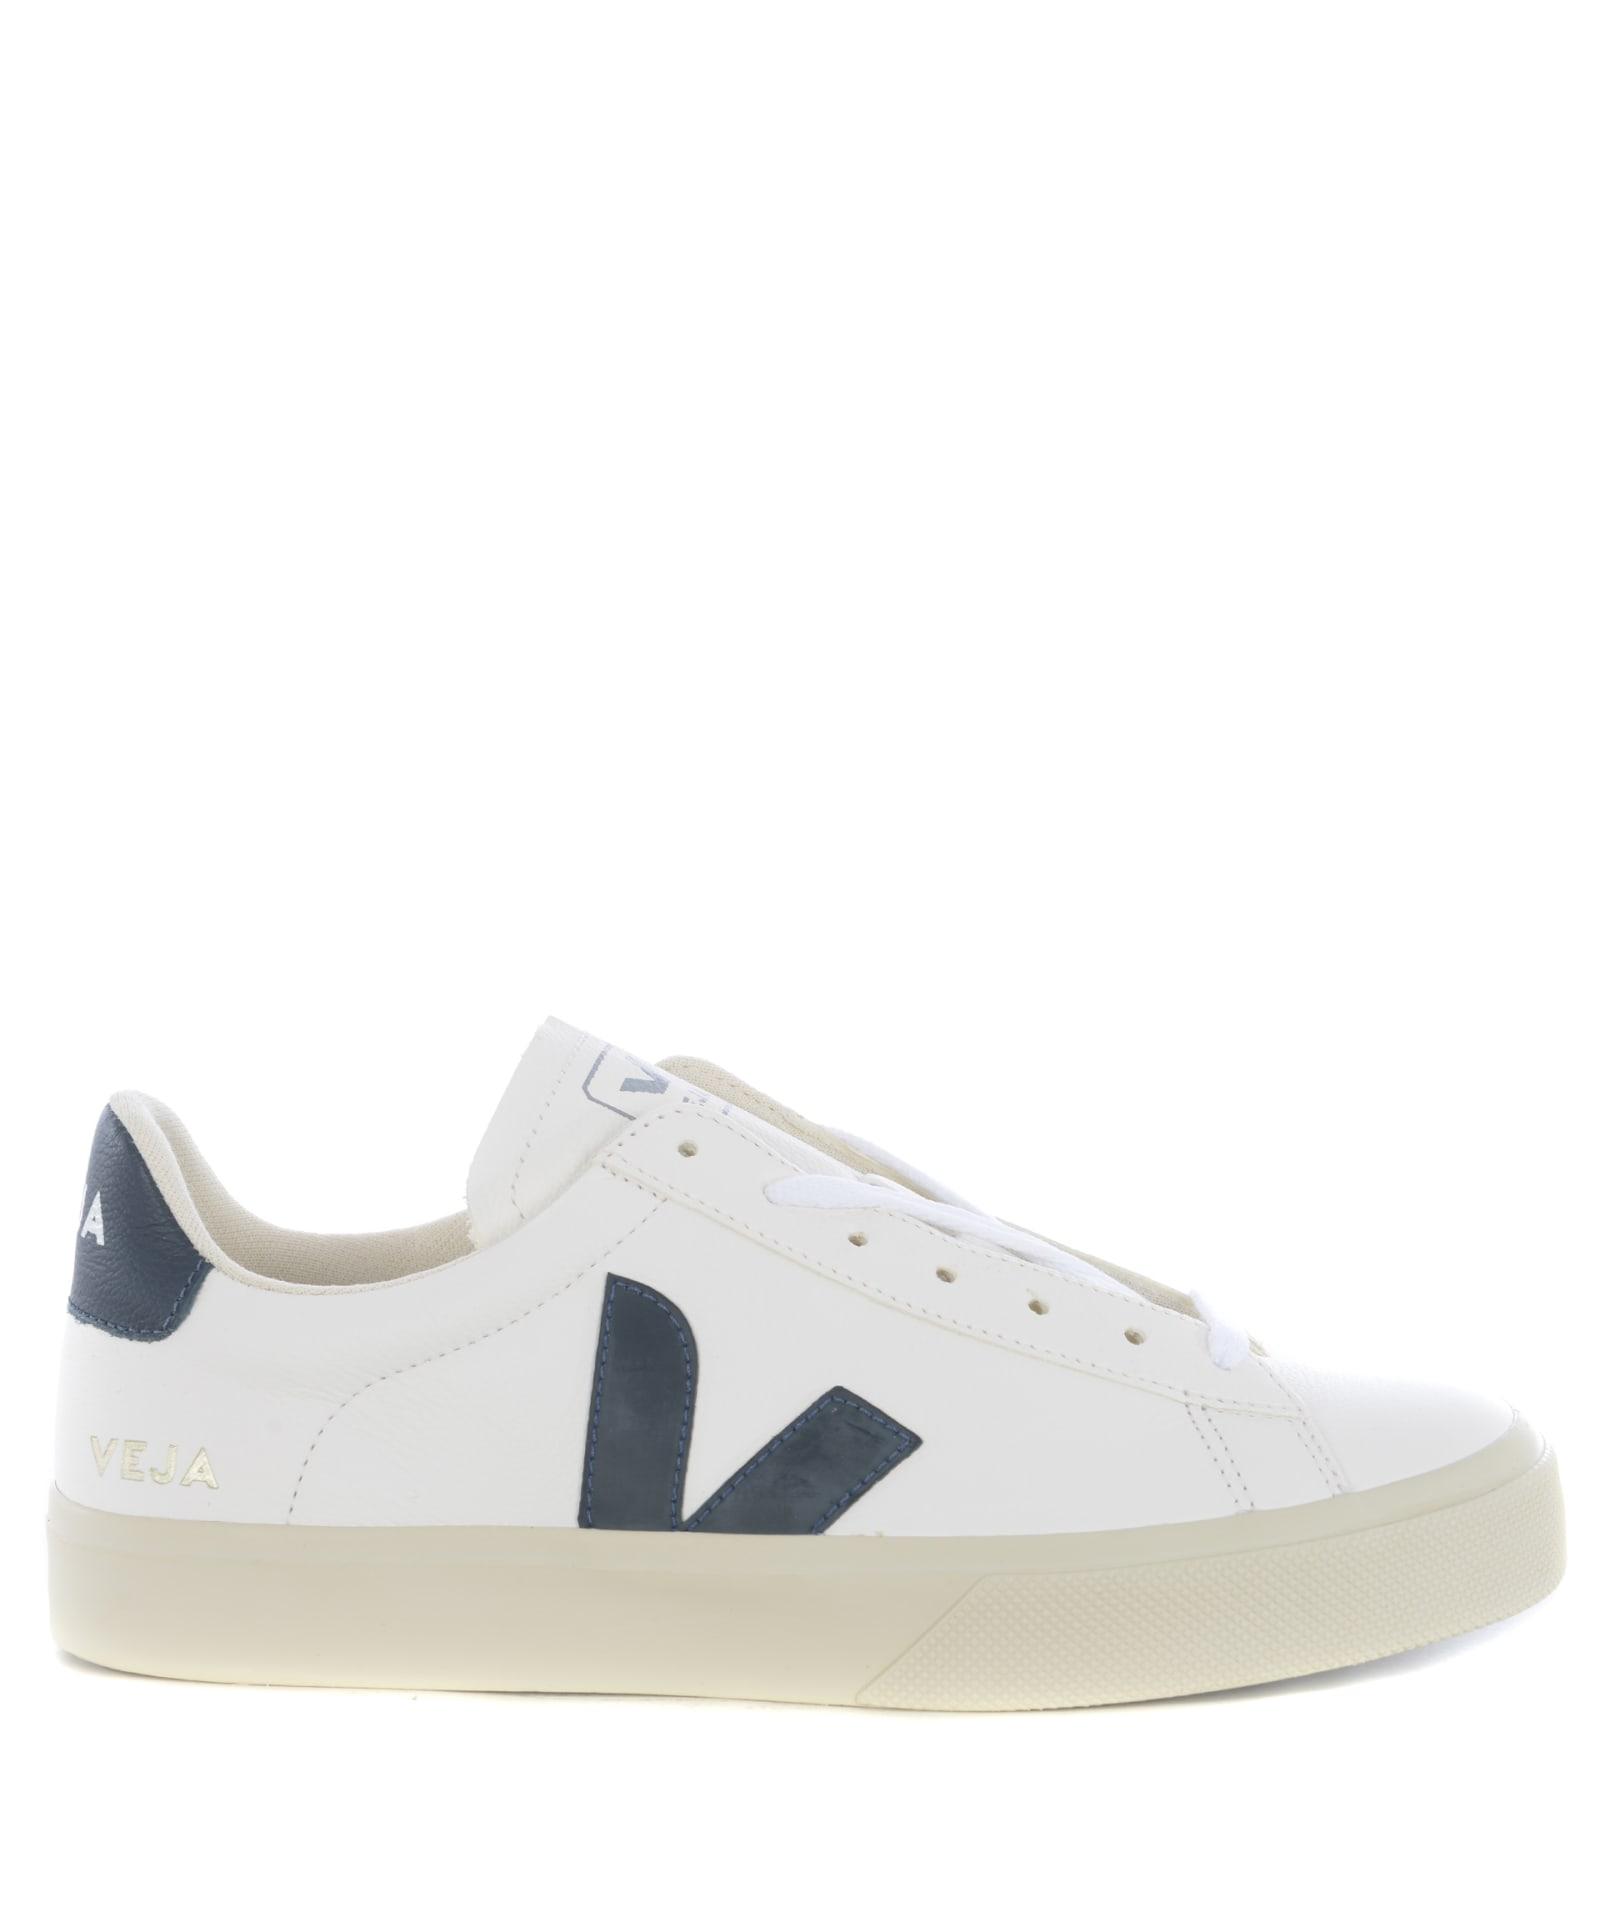 Veja Sneakers